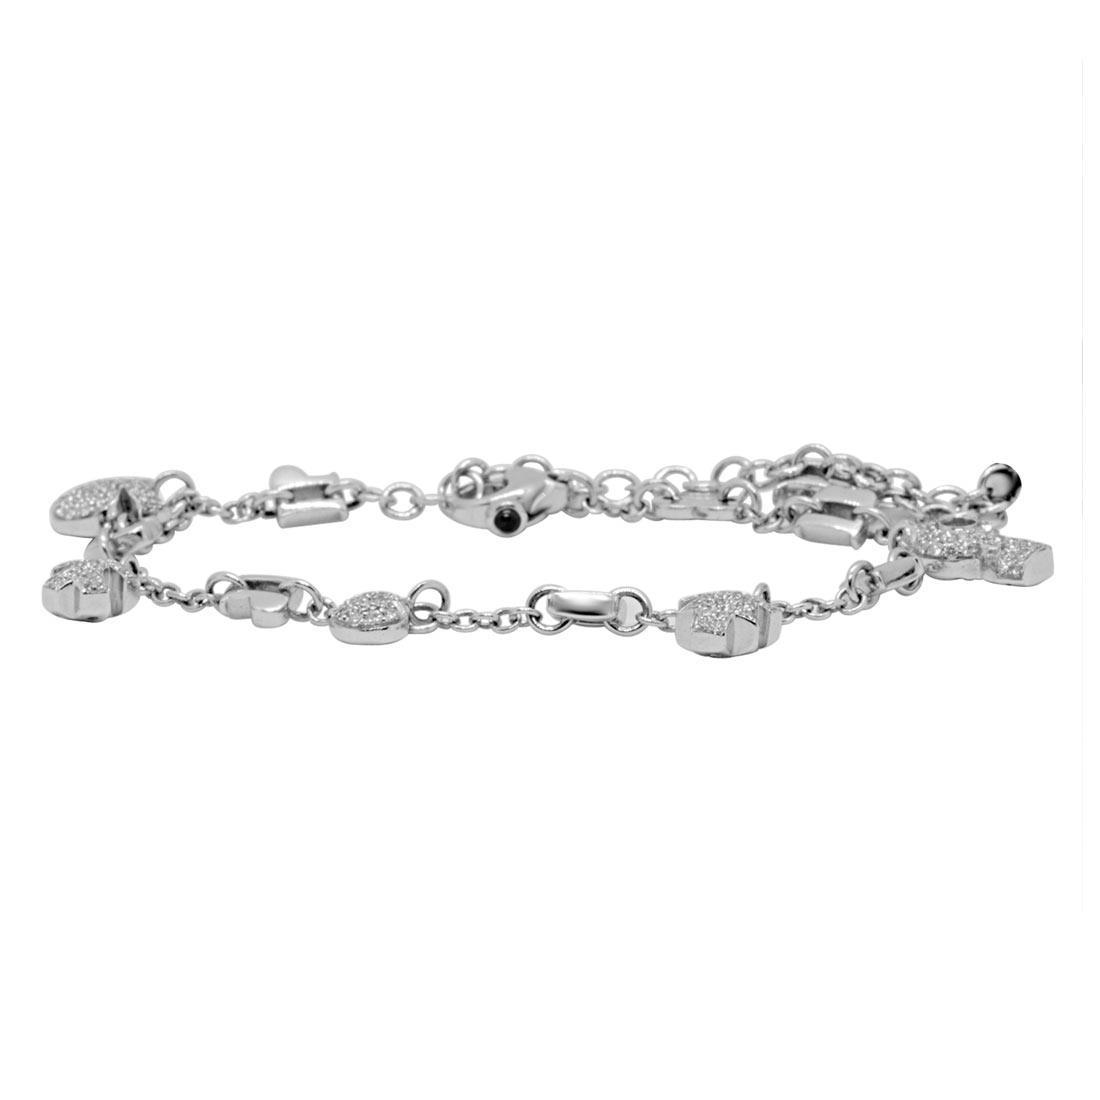 Bracciale Pasquale Bruni in oro bianco con charms e diamanti - PASQUALE BRUNI